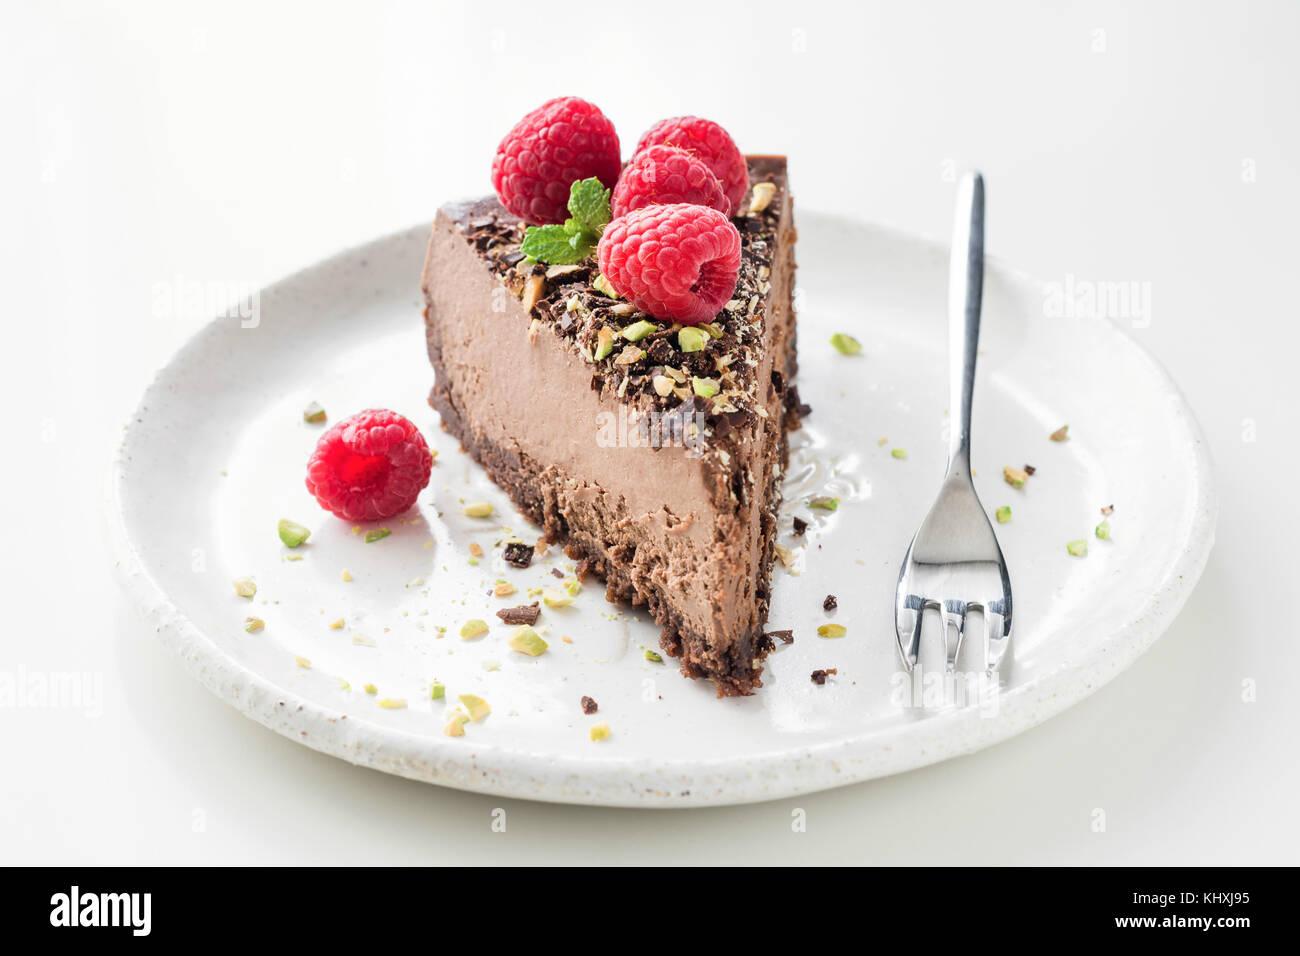 Fetta di torta al cioccolato cheesecake decorate con frantumato di pistacchi, lamponi e foglia di menta su sfondo Immagini Stock